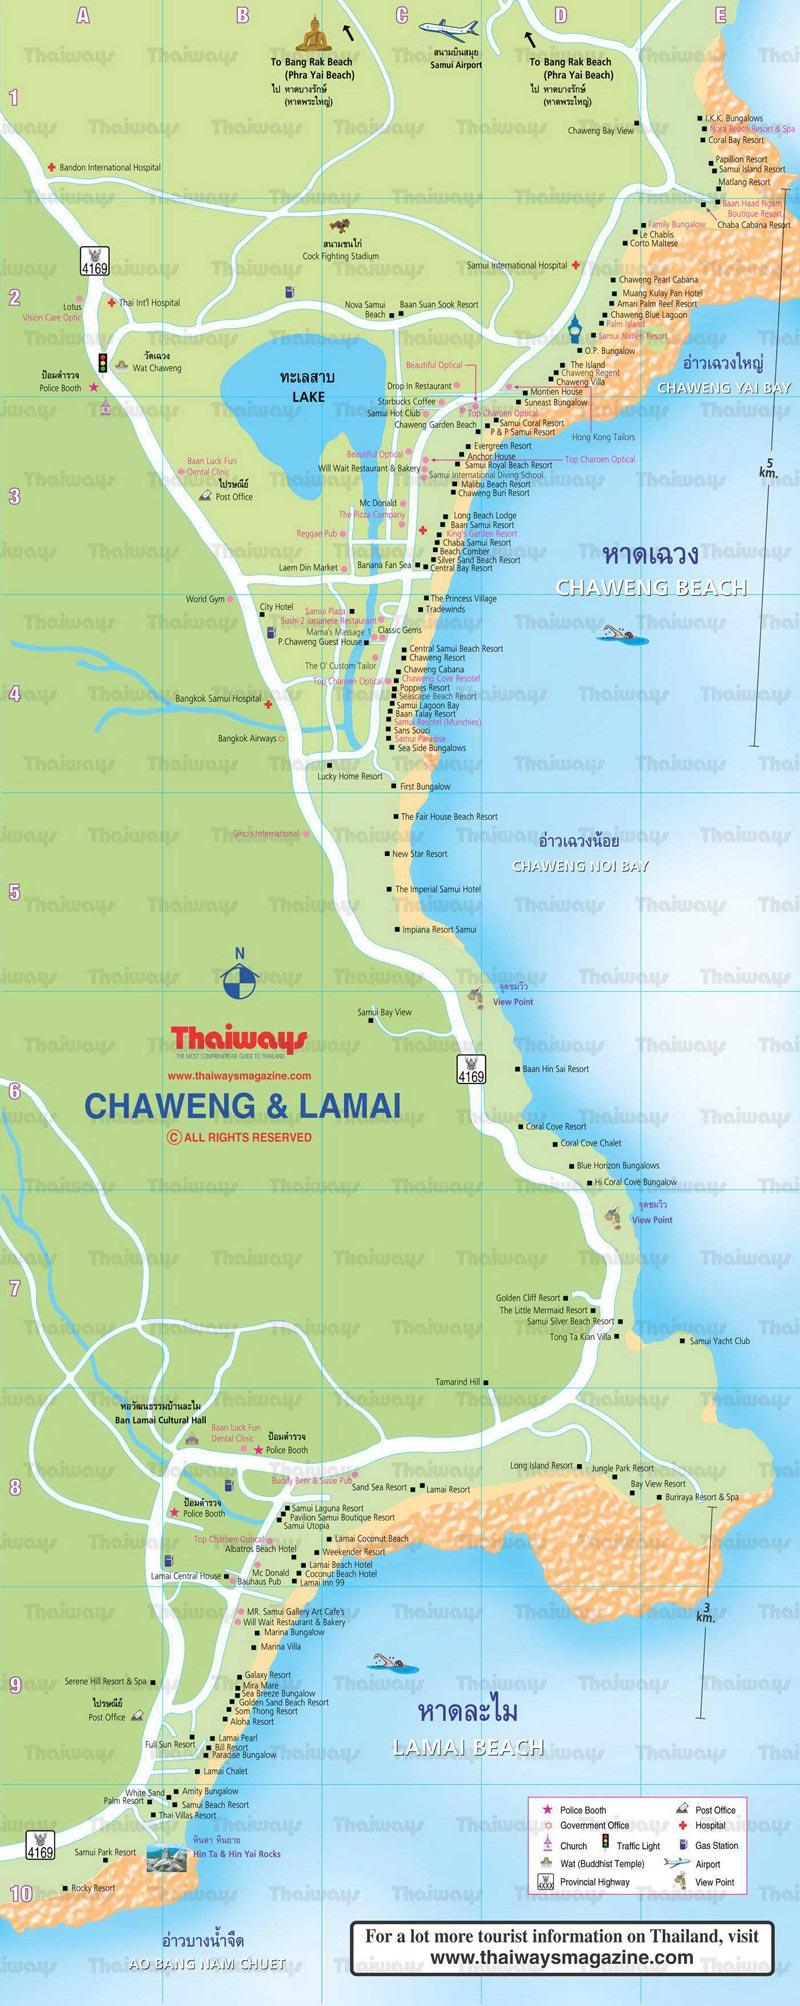 chaweng-lamai-map-01